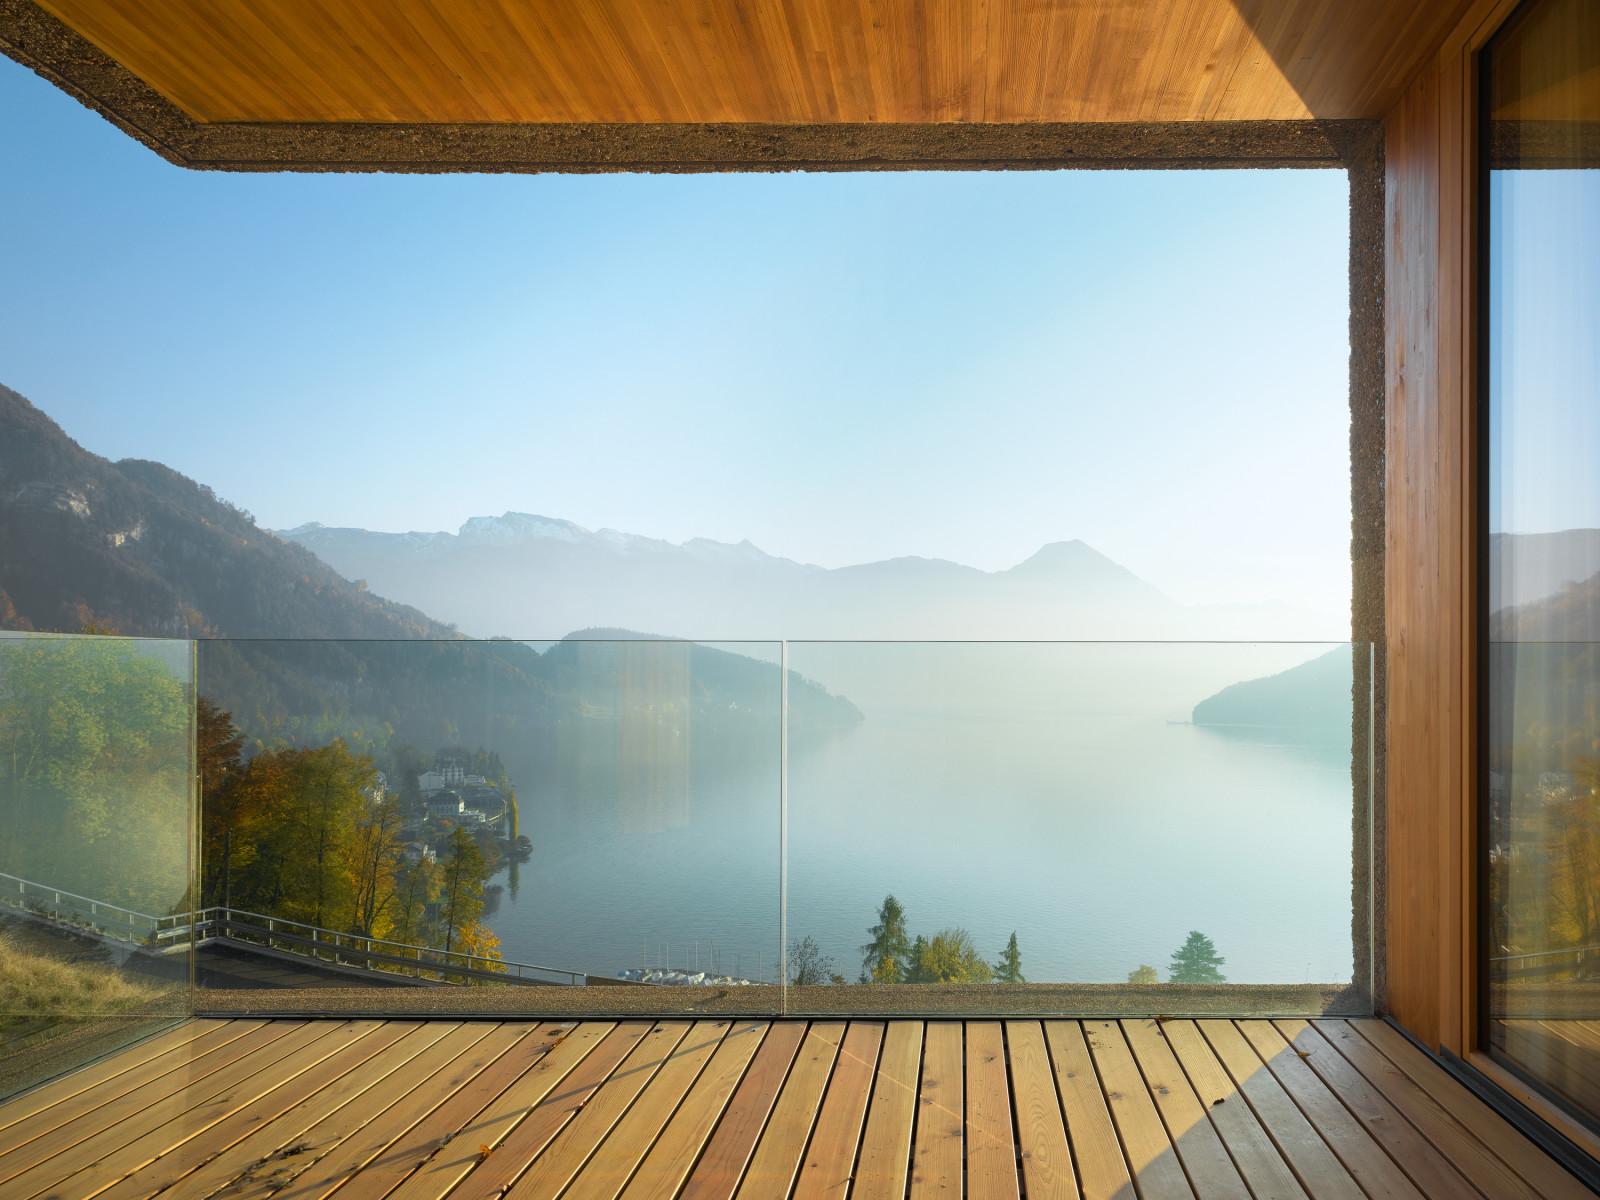 Трехэтажный коттедж с видом на озерный пейзаж - свой дом меч.